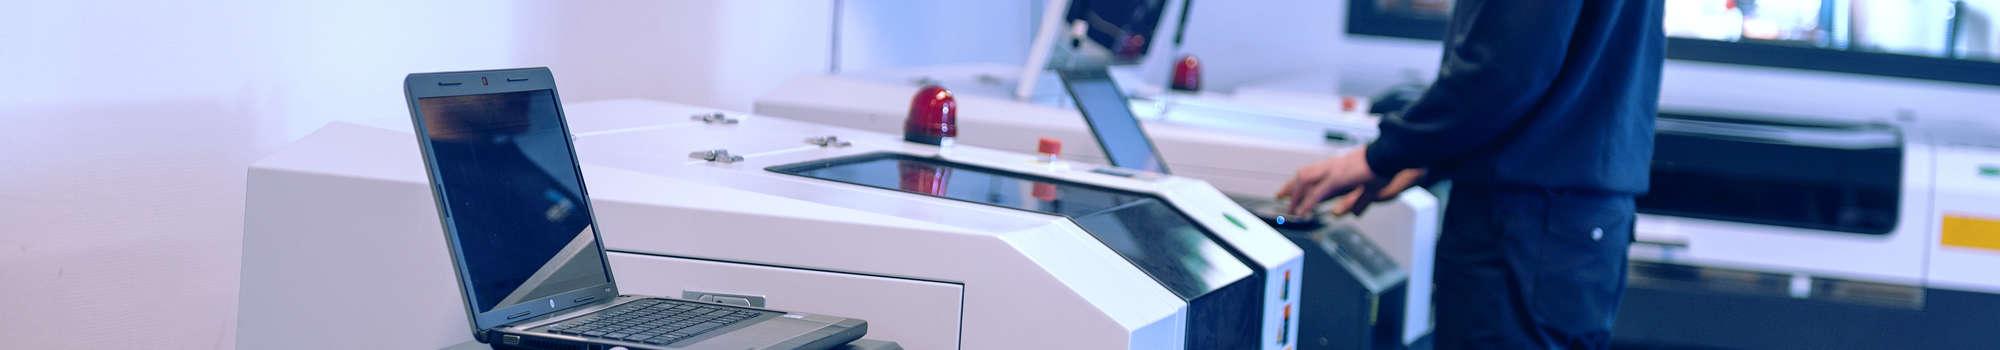 header-lasermachines-4230